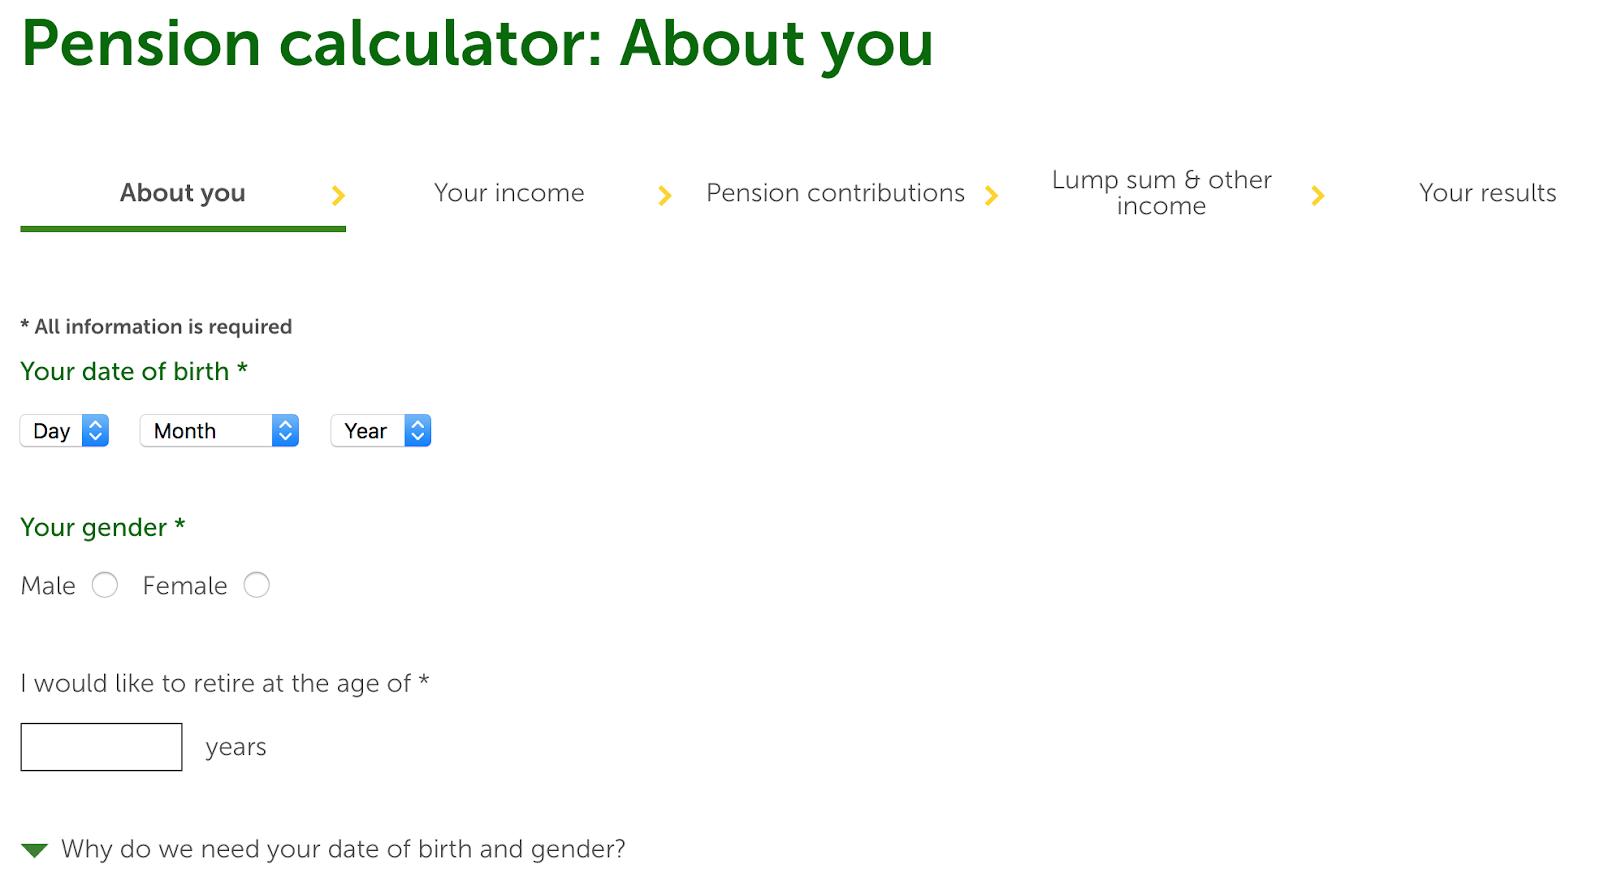 Source: Money Advice Service Pension Calculator